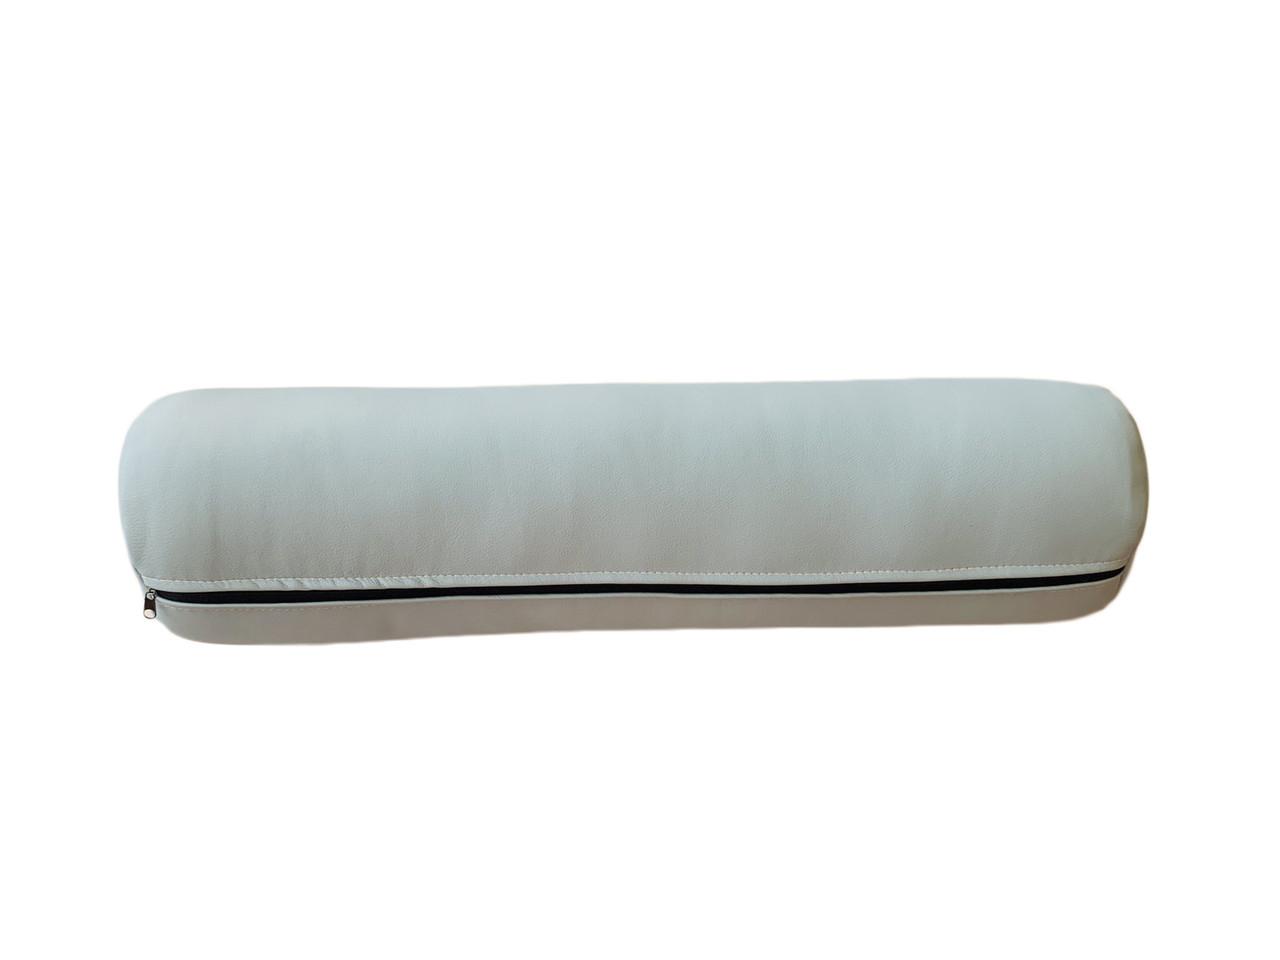 Валик для массажных столов и кушеток косметологических 45 см